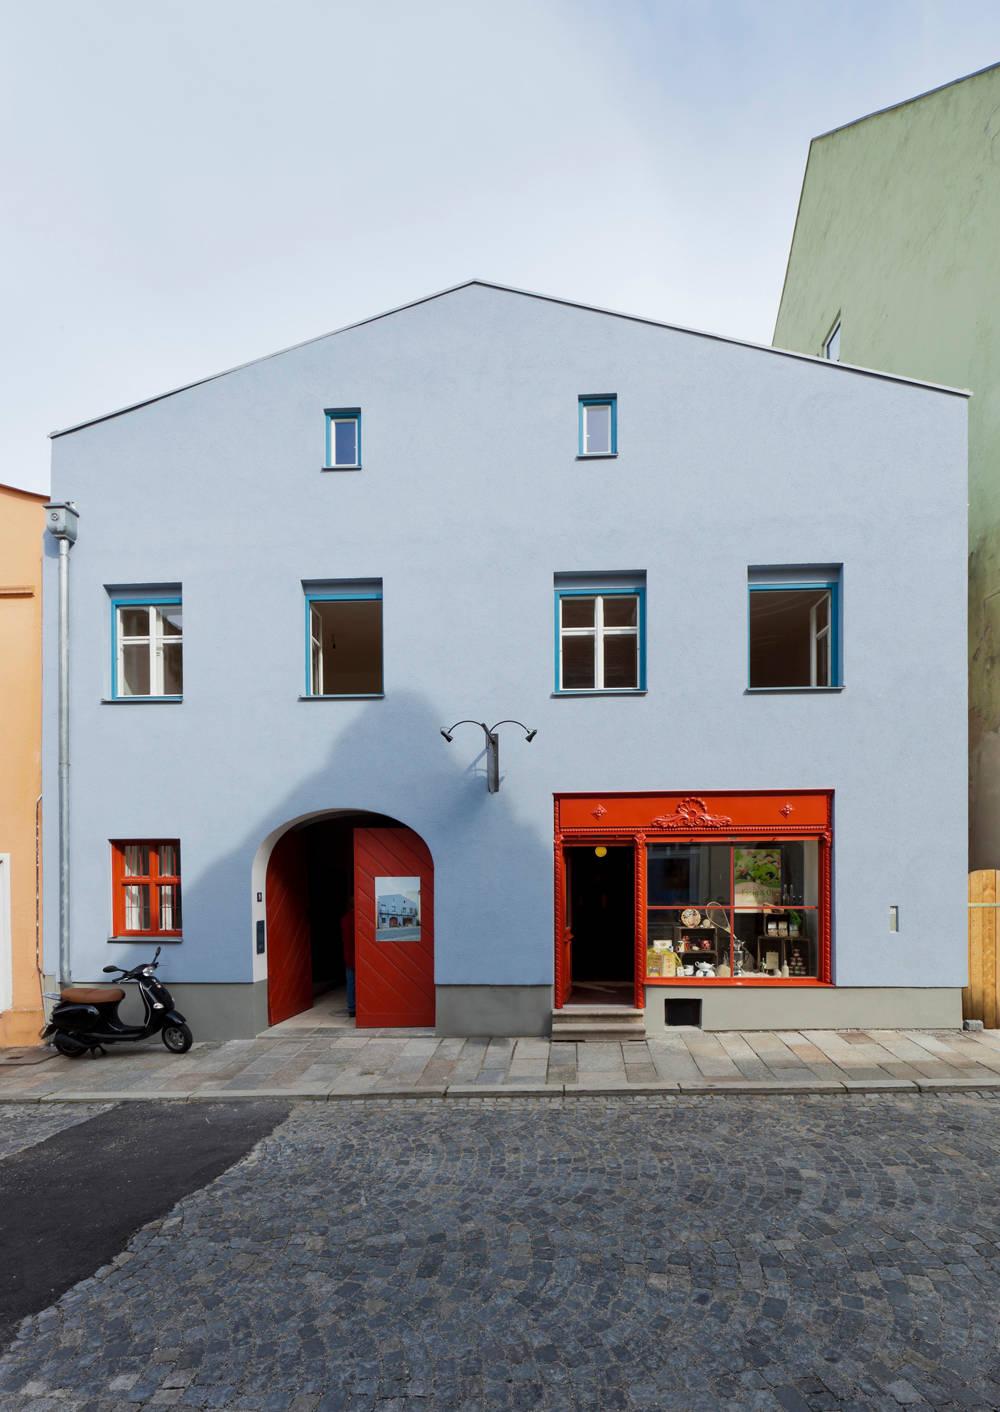 Willhaben Gartenmobel Holz : Denkmalgeschütztes Haus mit Laden in Bayern